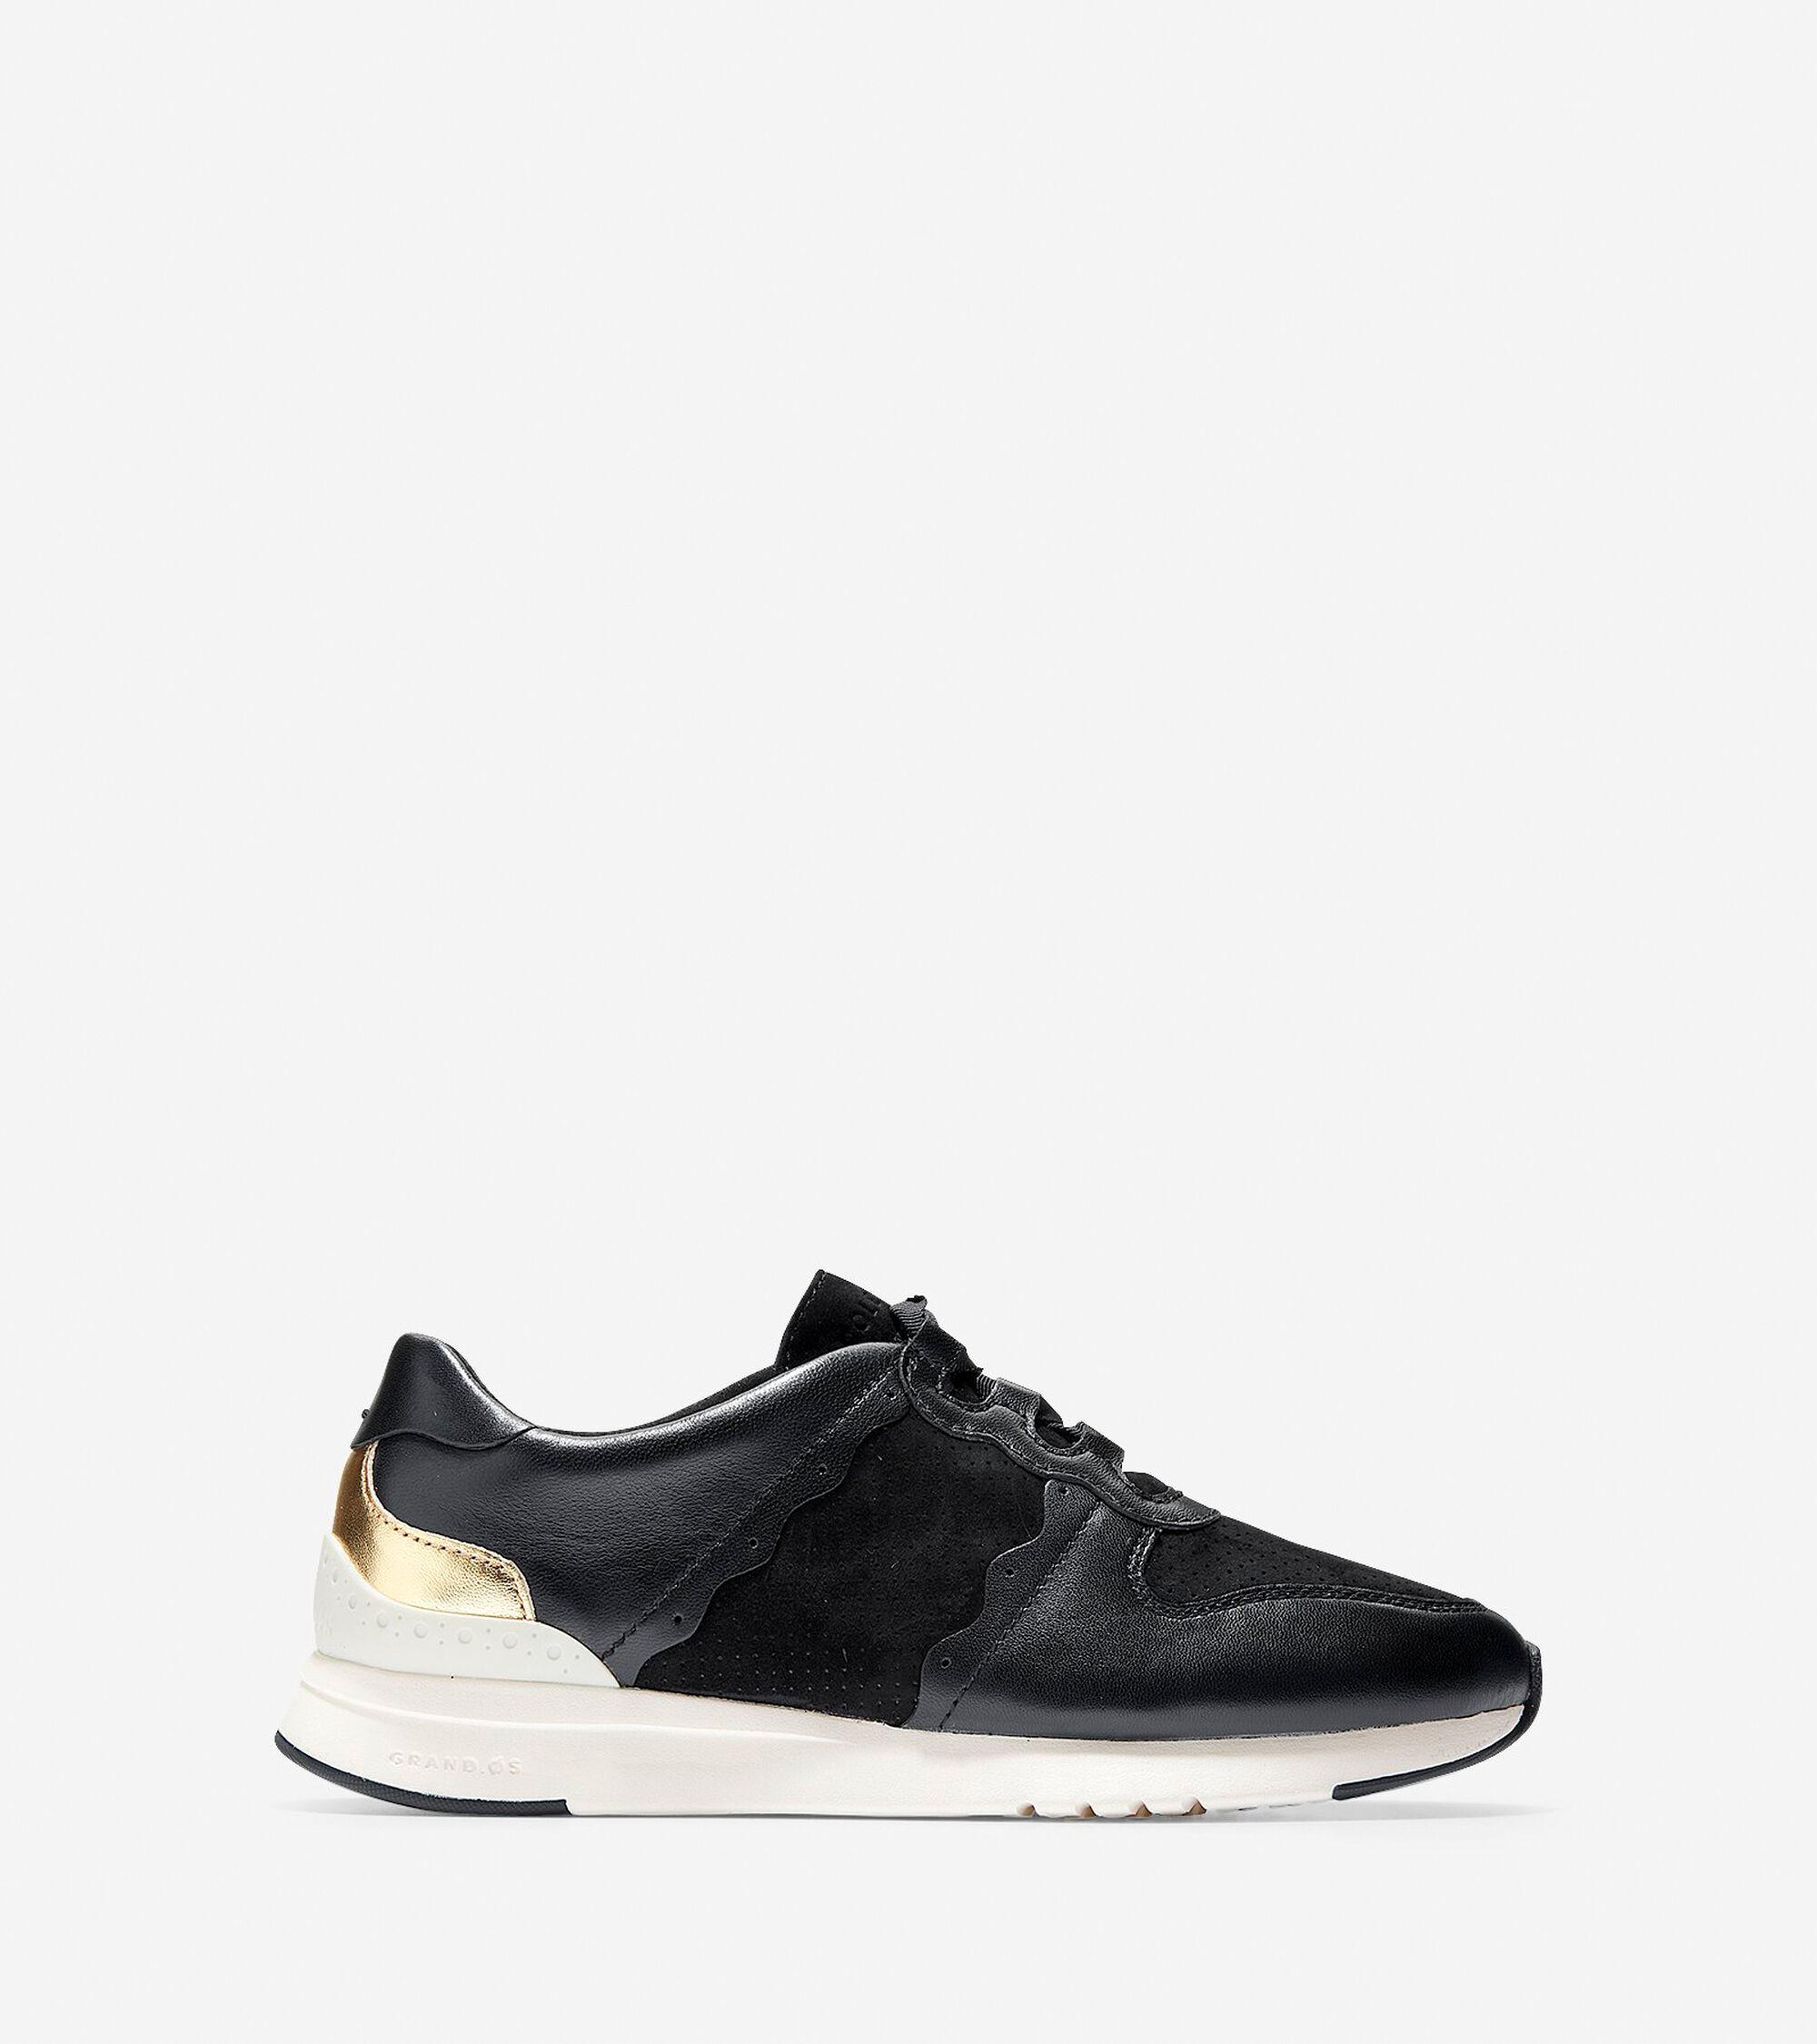 Cole Haan Women's GrandPro Running Sneaker LX